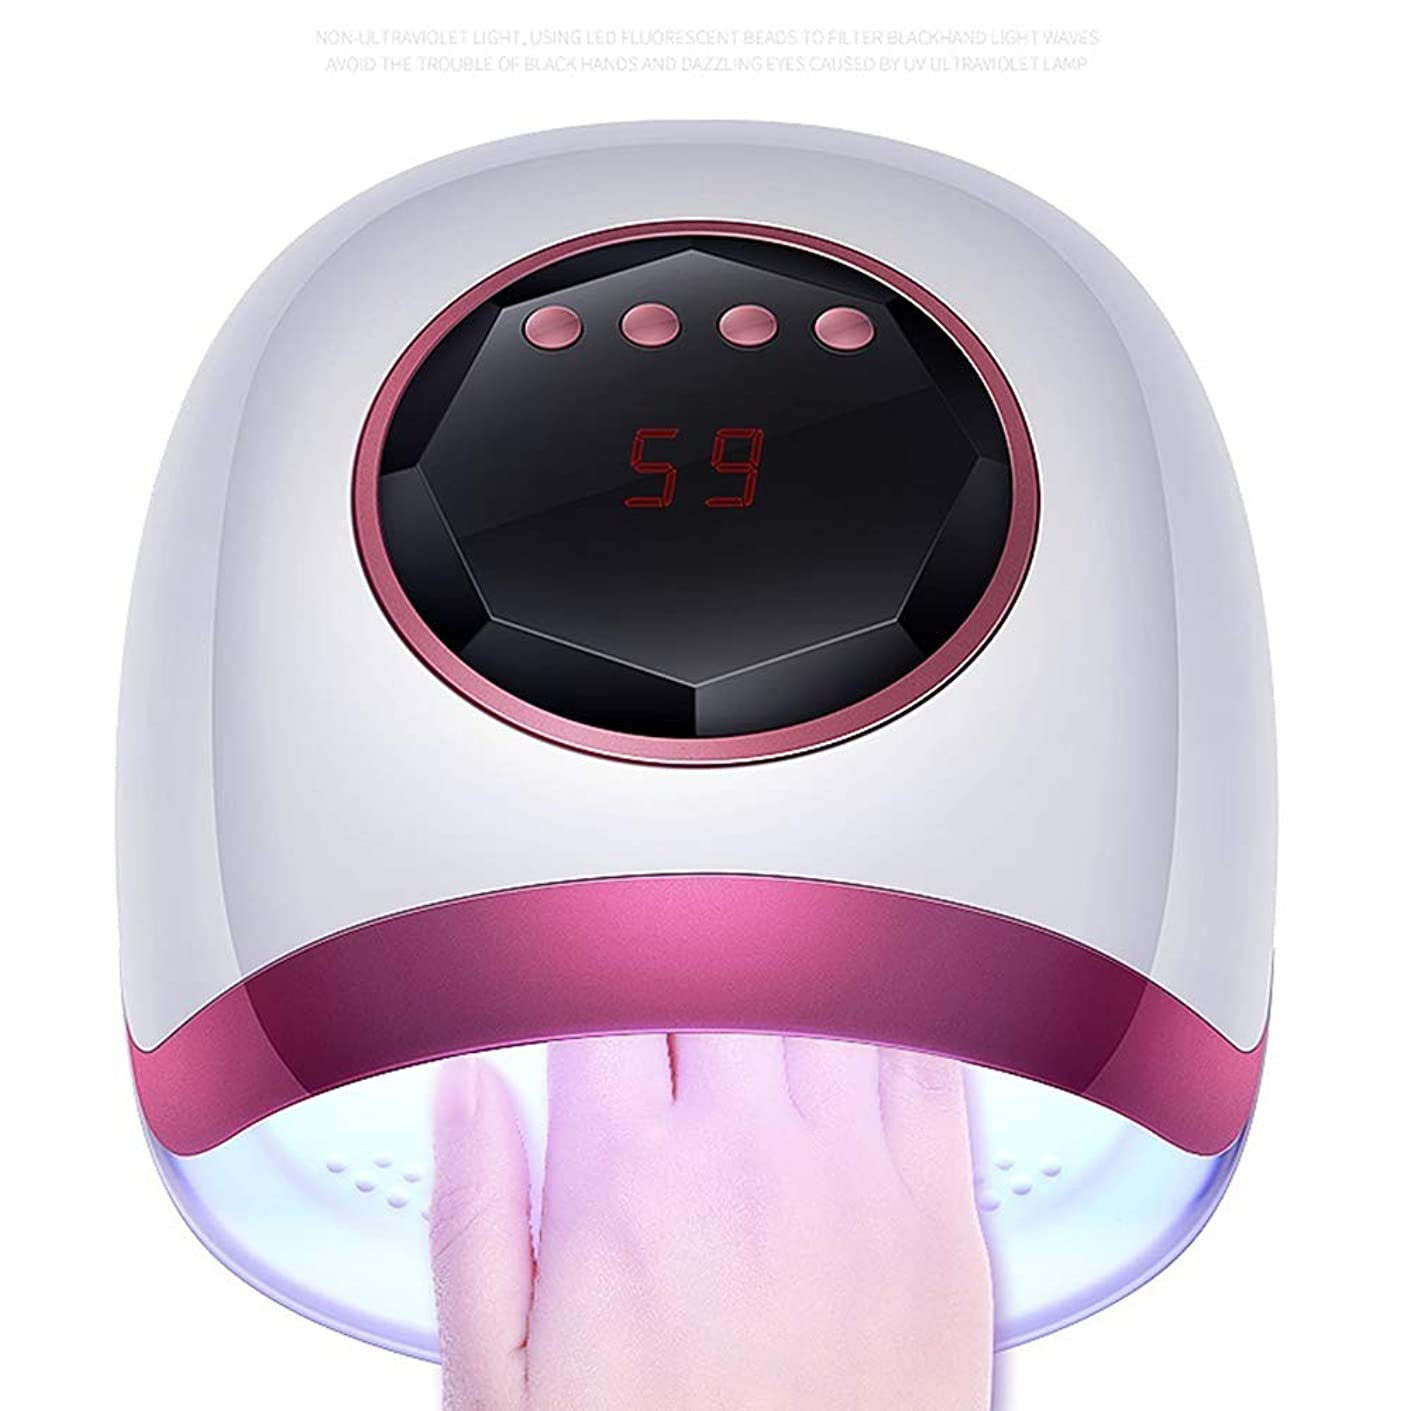 キャンセルリダクターレギュラーセンサーが付いているゲルの72W の治癒ランプのための LED の紫外線釘ランプ4つのタイマーのつま先の釘の治癒、大広間および家のため (白)